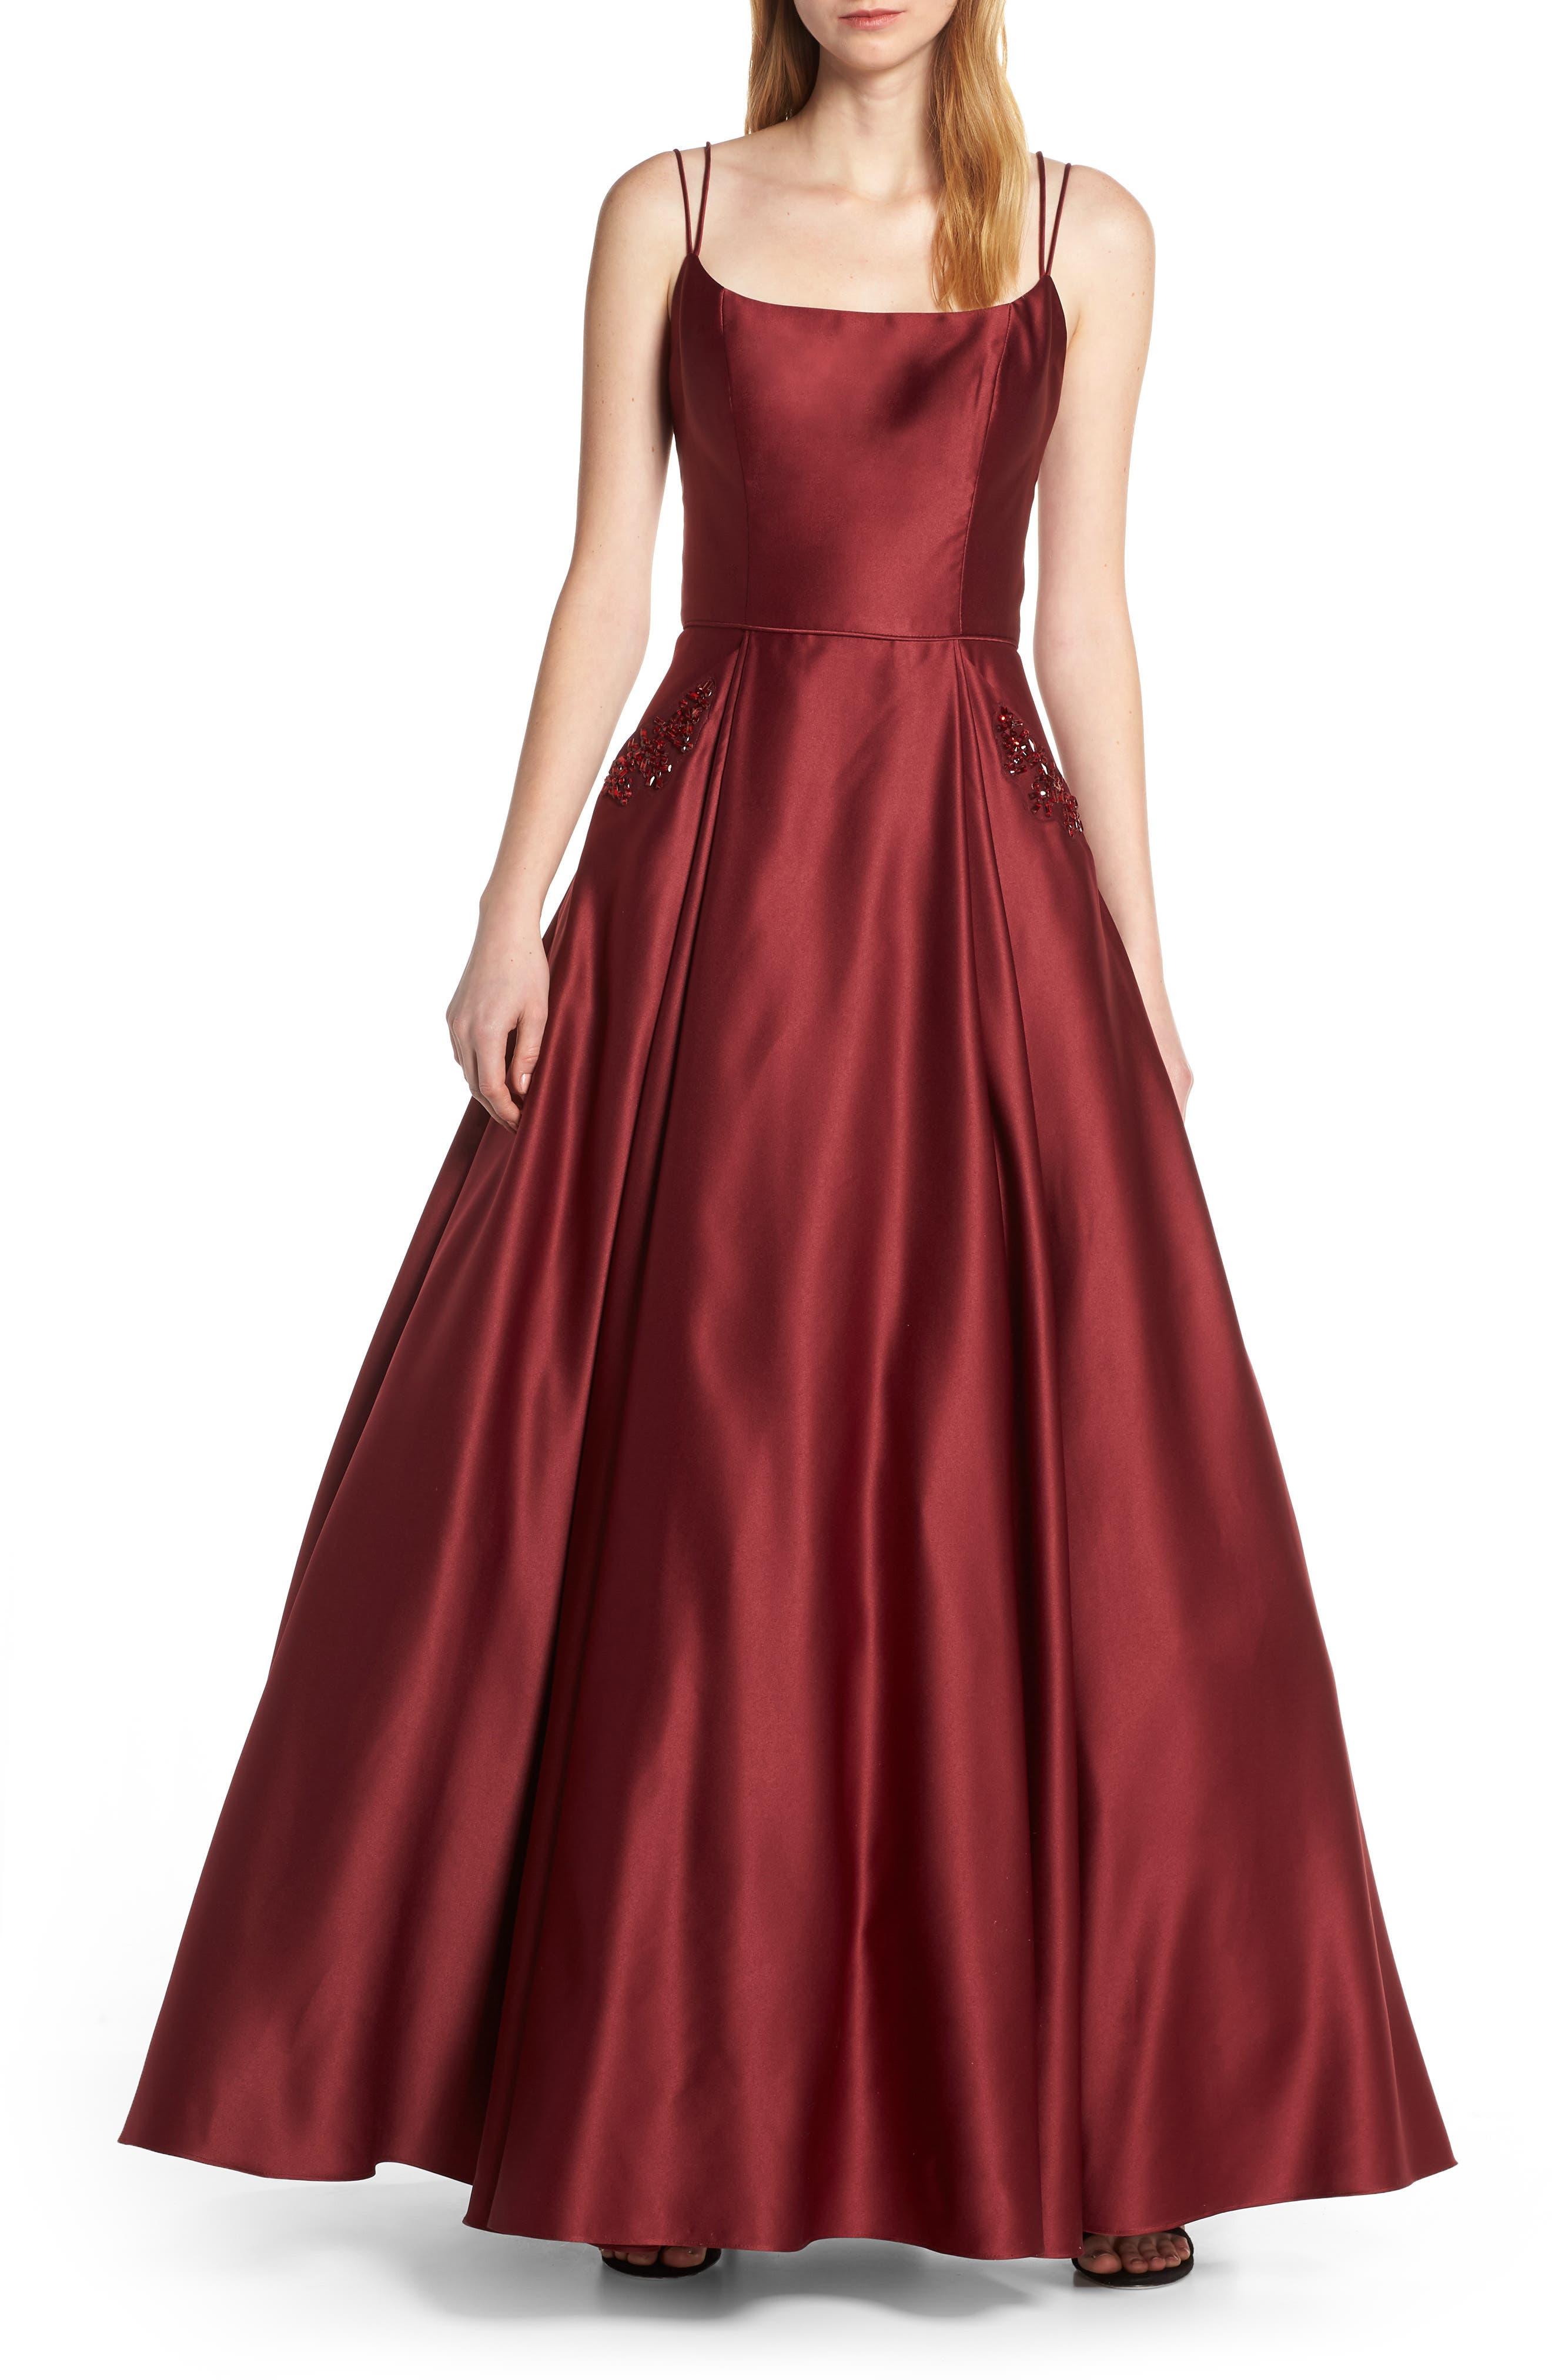 Blondie Nites Square Neck Embellished Pocket Satin Evening Dress, Burgundy